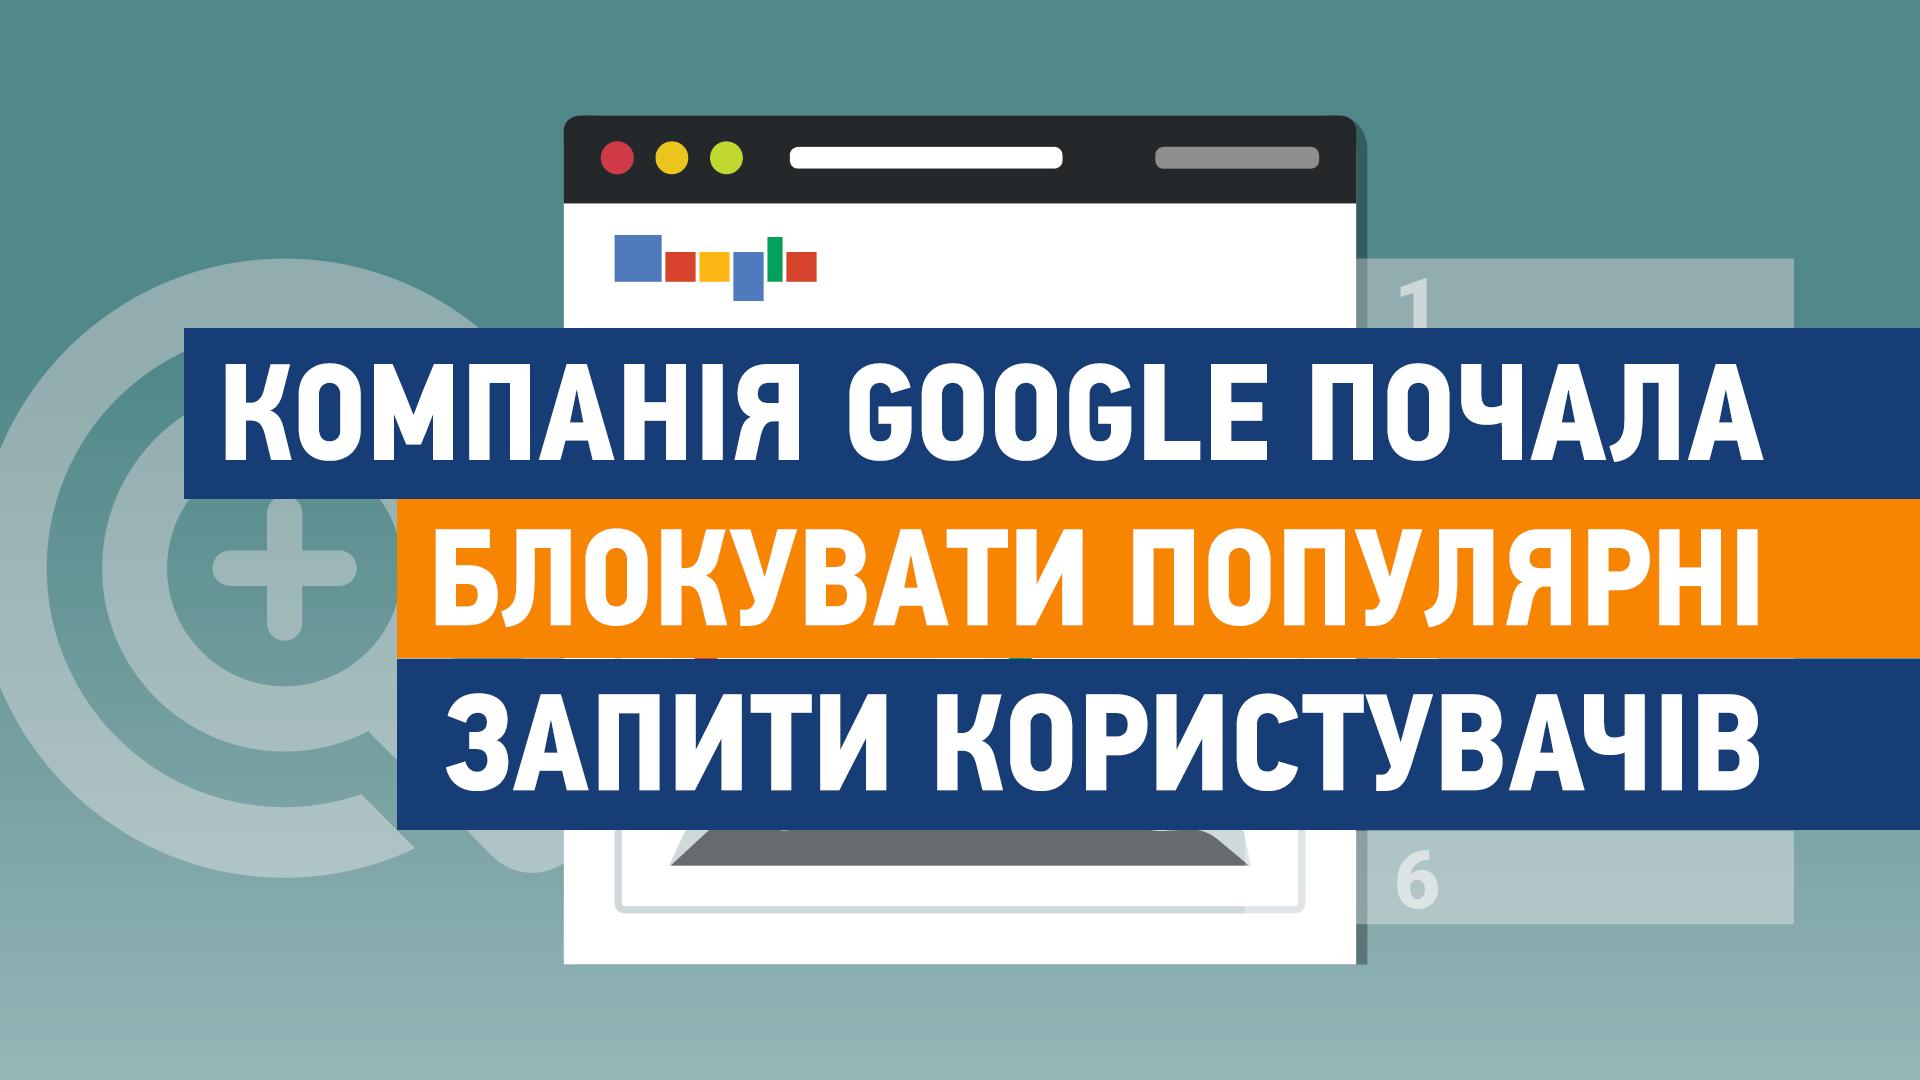 Компанія Google почала блокувати популярні запити користувачів - реклама, Google Search, google - pgoo poglyad